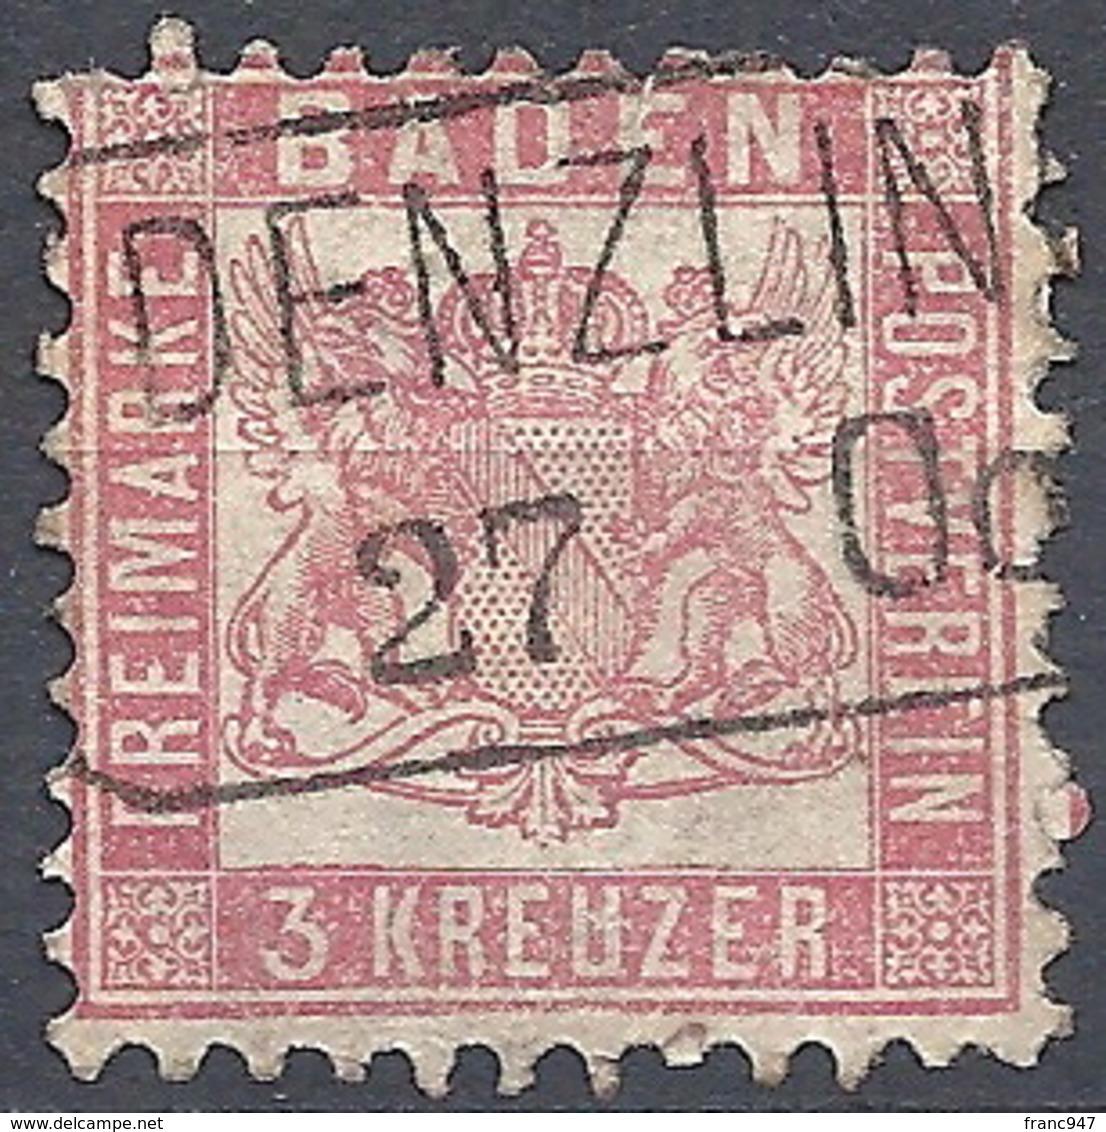 Baden, 1862 Coat Of Arms (background White), 3kr Rose, Prf. 10 # Michel 18 - Scott 20 - Yvert 17 Used - Baden